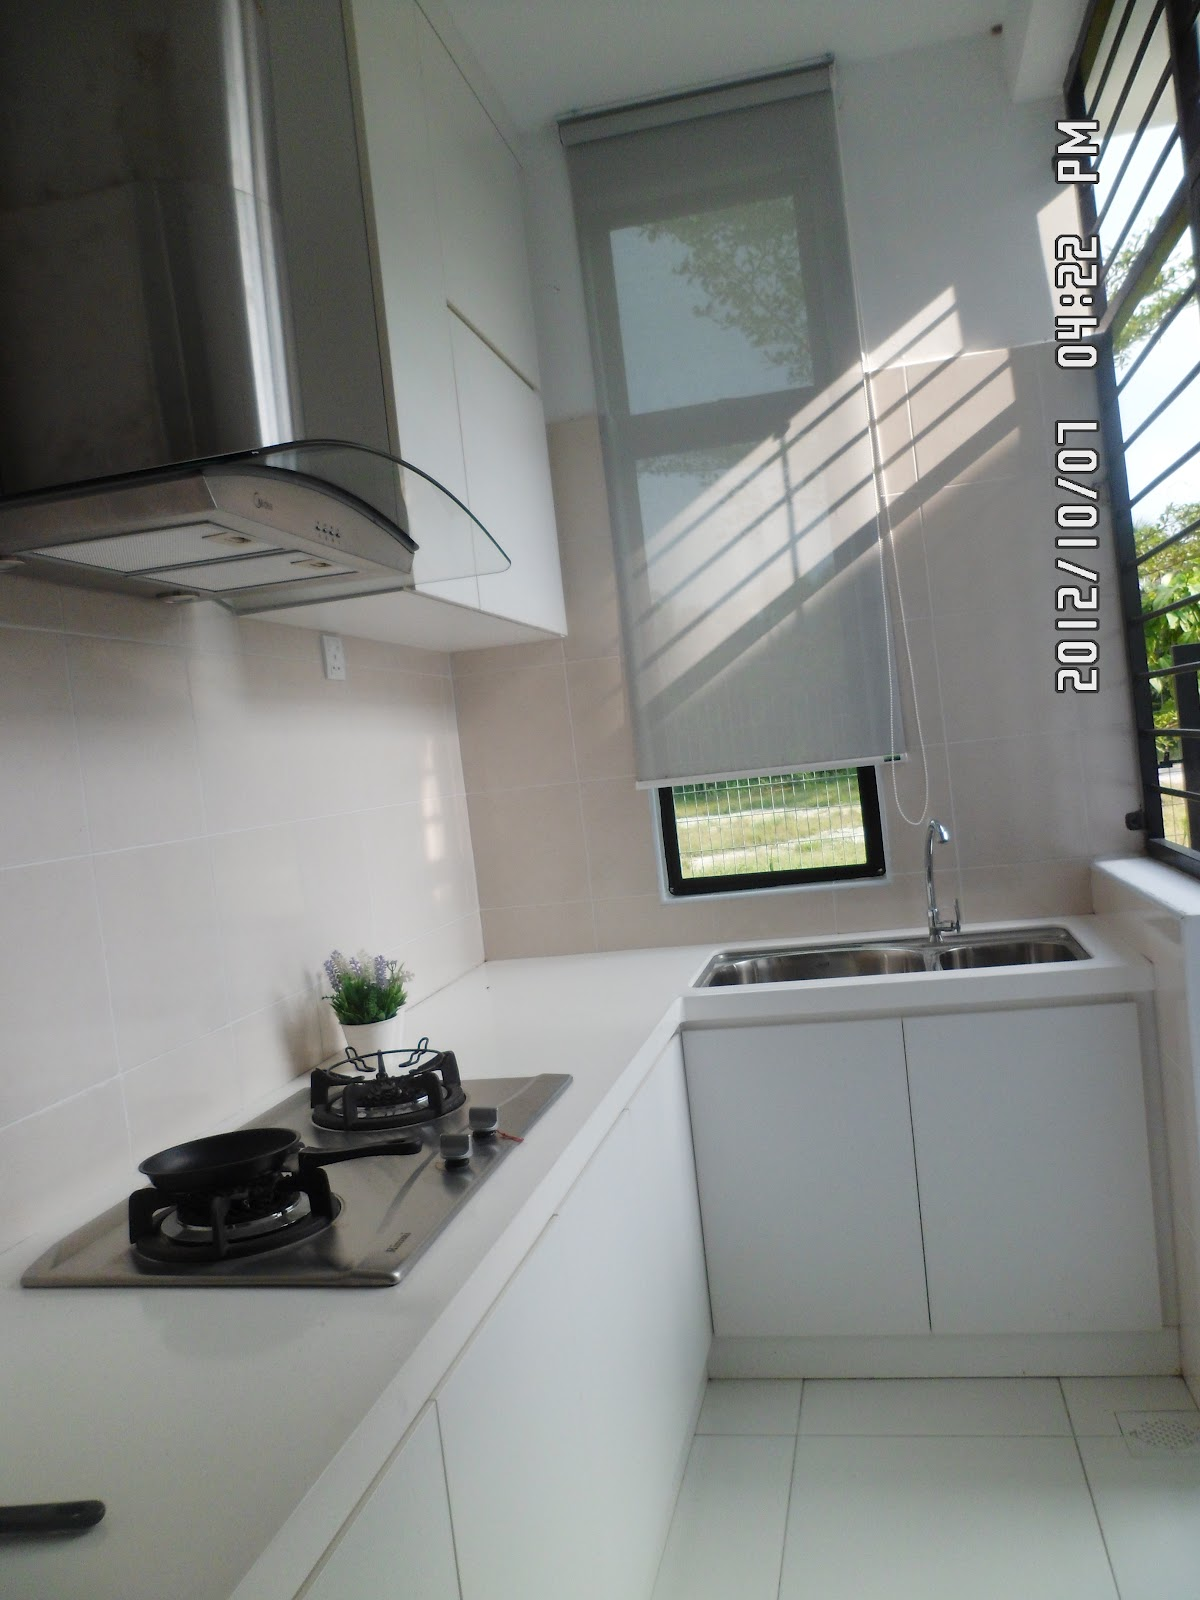 Dapur Basah Menghadap Belakang Rumah Ada Ruang Untuk Bercucuk Tanam Pokok2 Herba Huhu Bestnyer